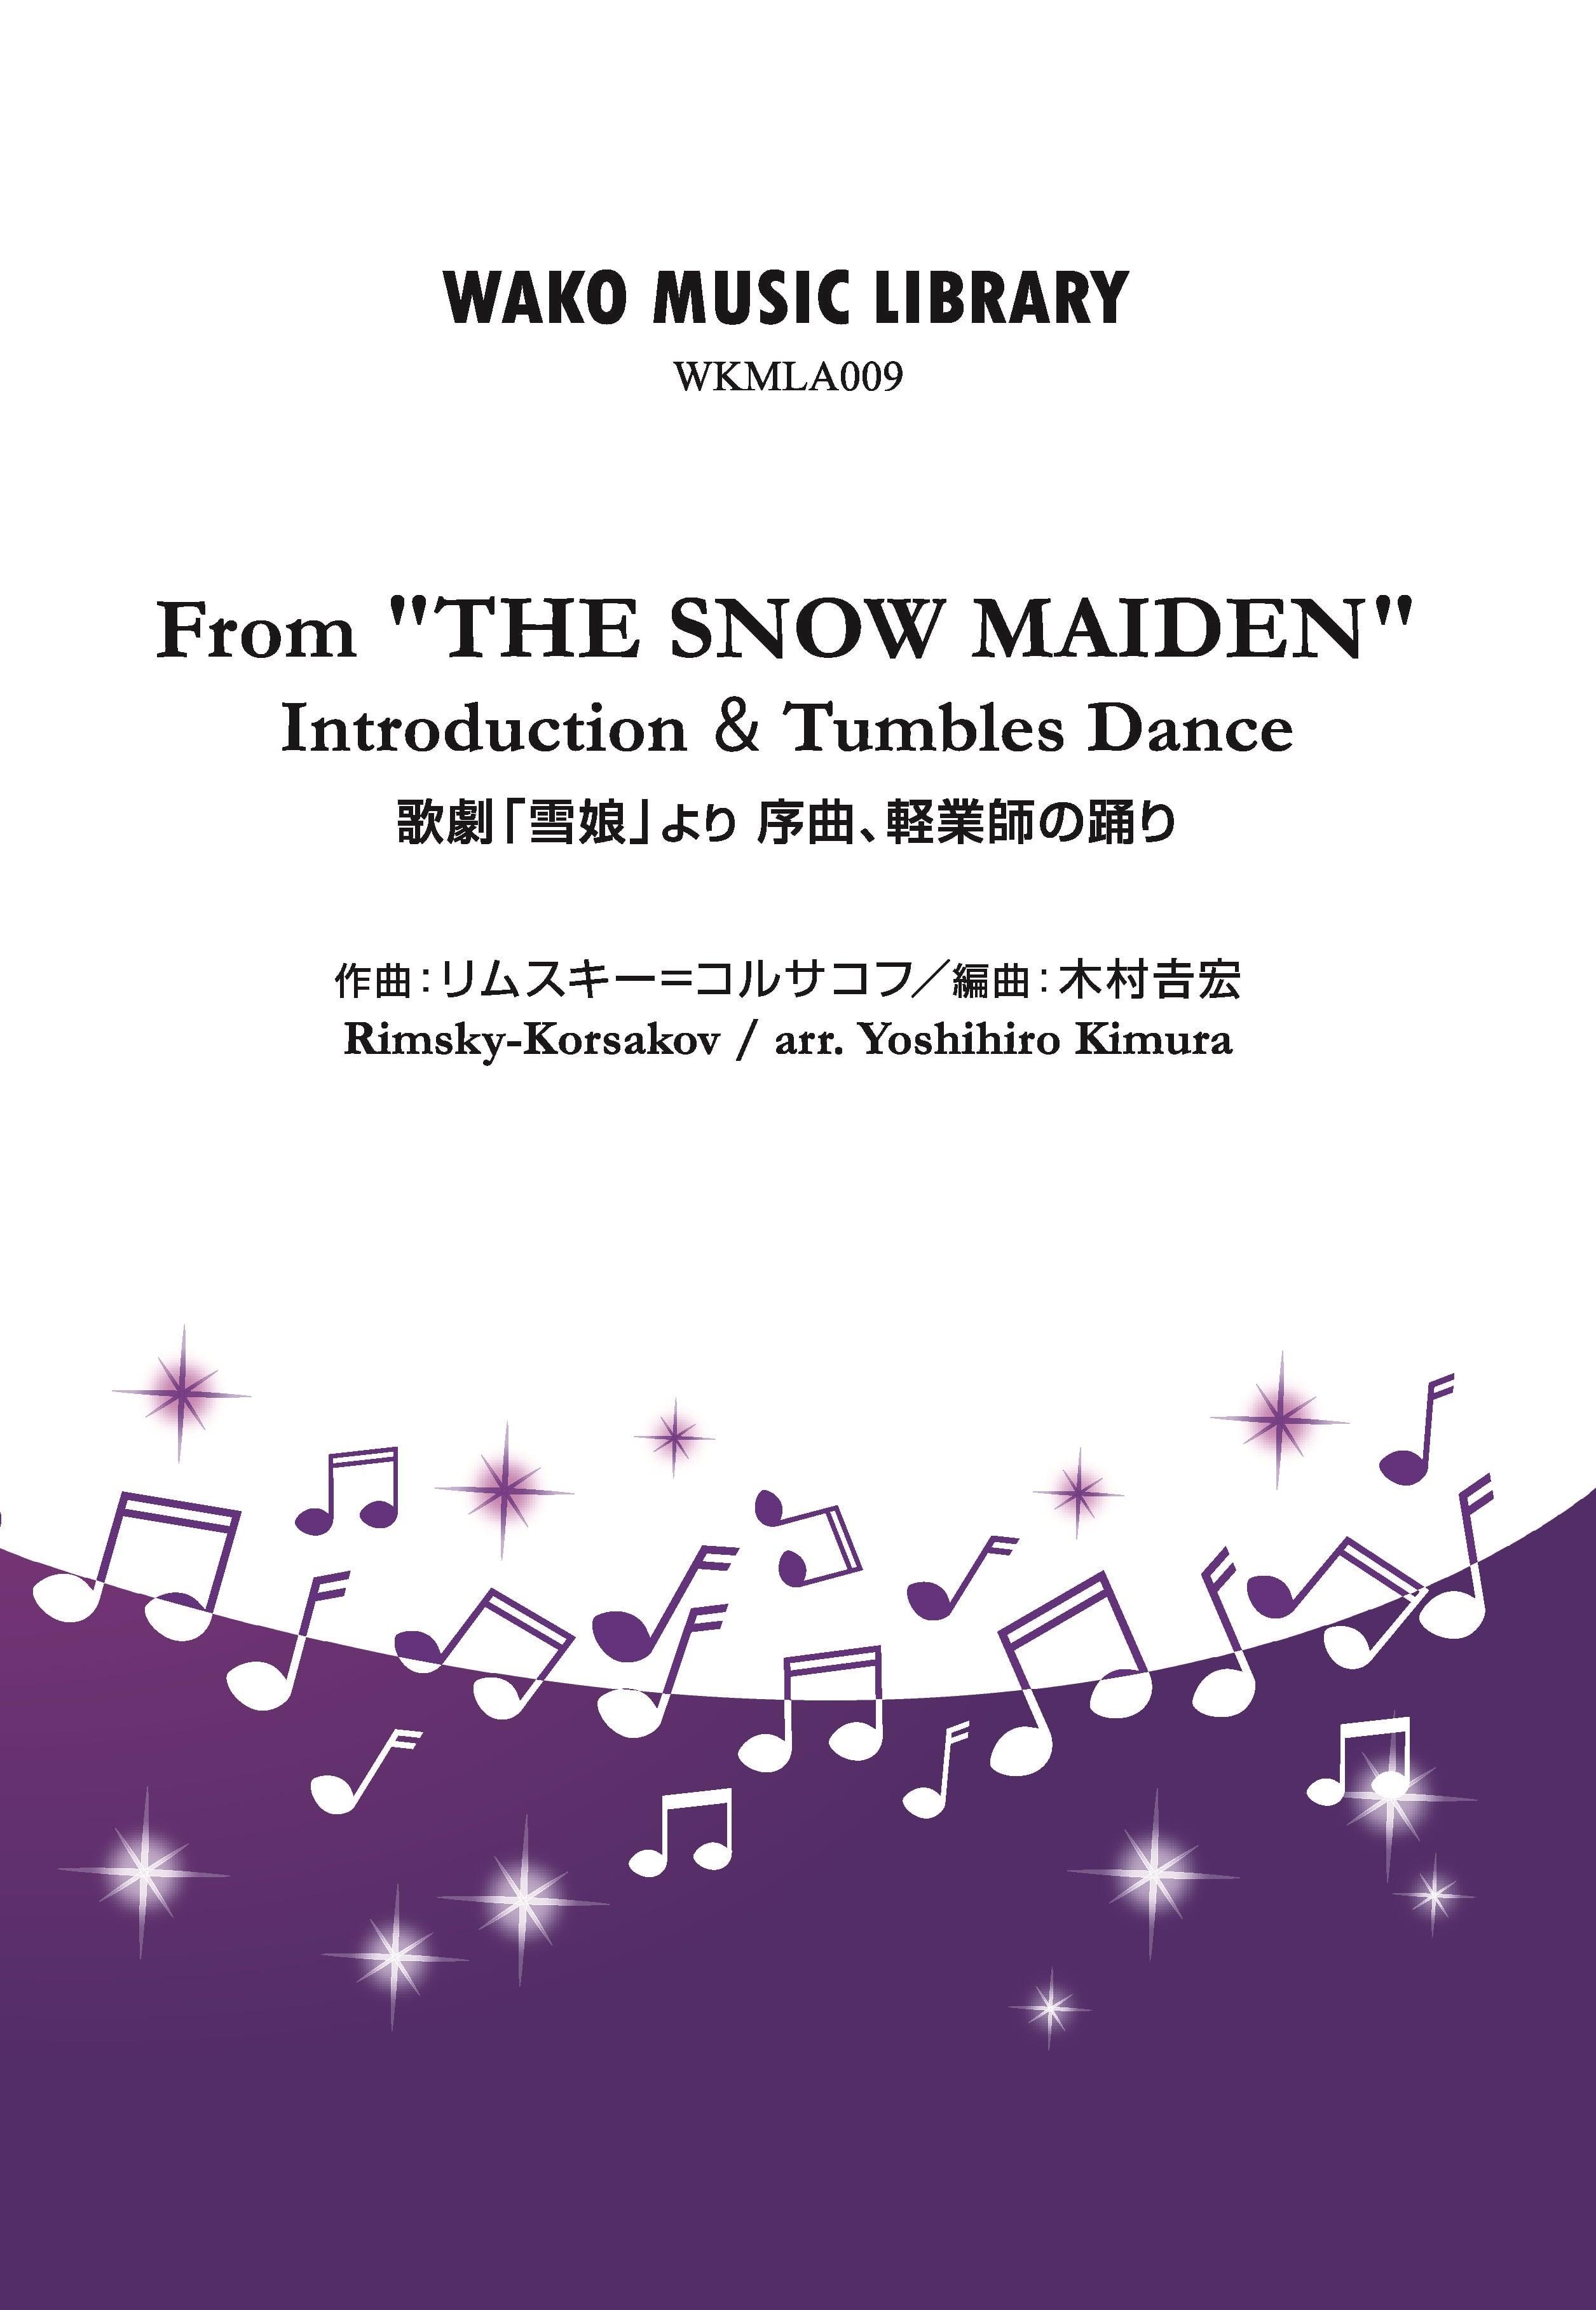 歌劇「雪娘」より / 作曲:リムスキー=コルサコフ/編曲:木村吉宏(WKMLA-009)